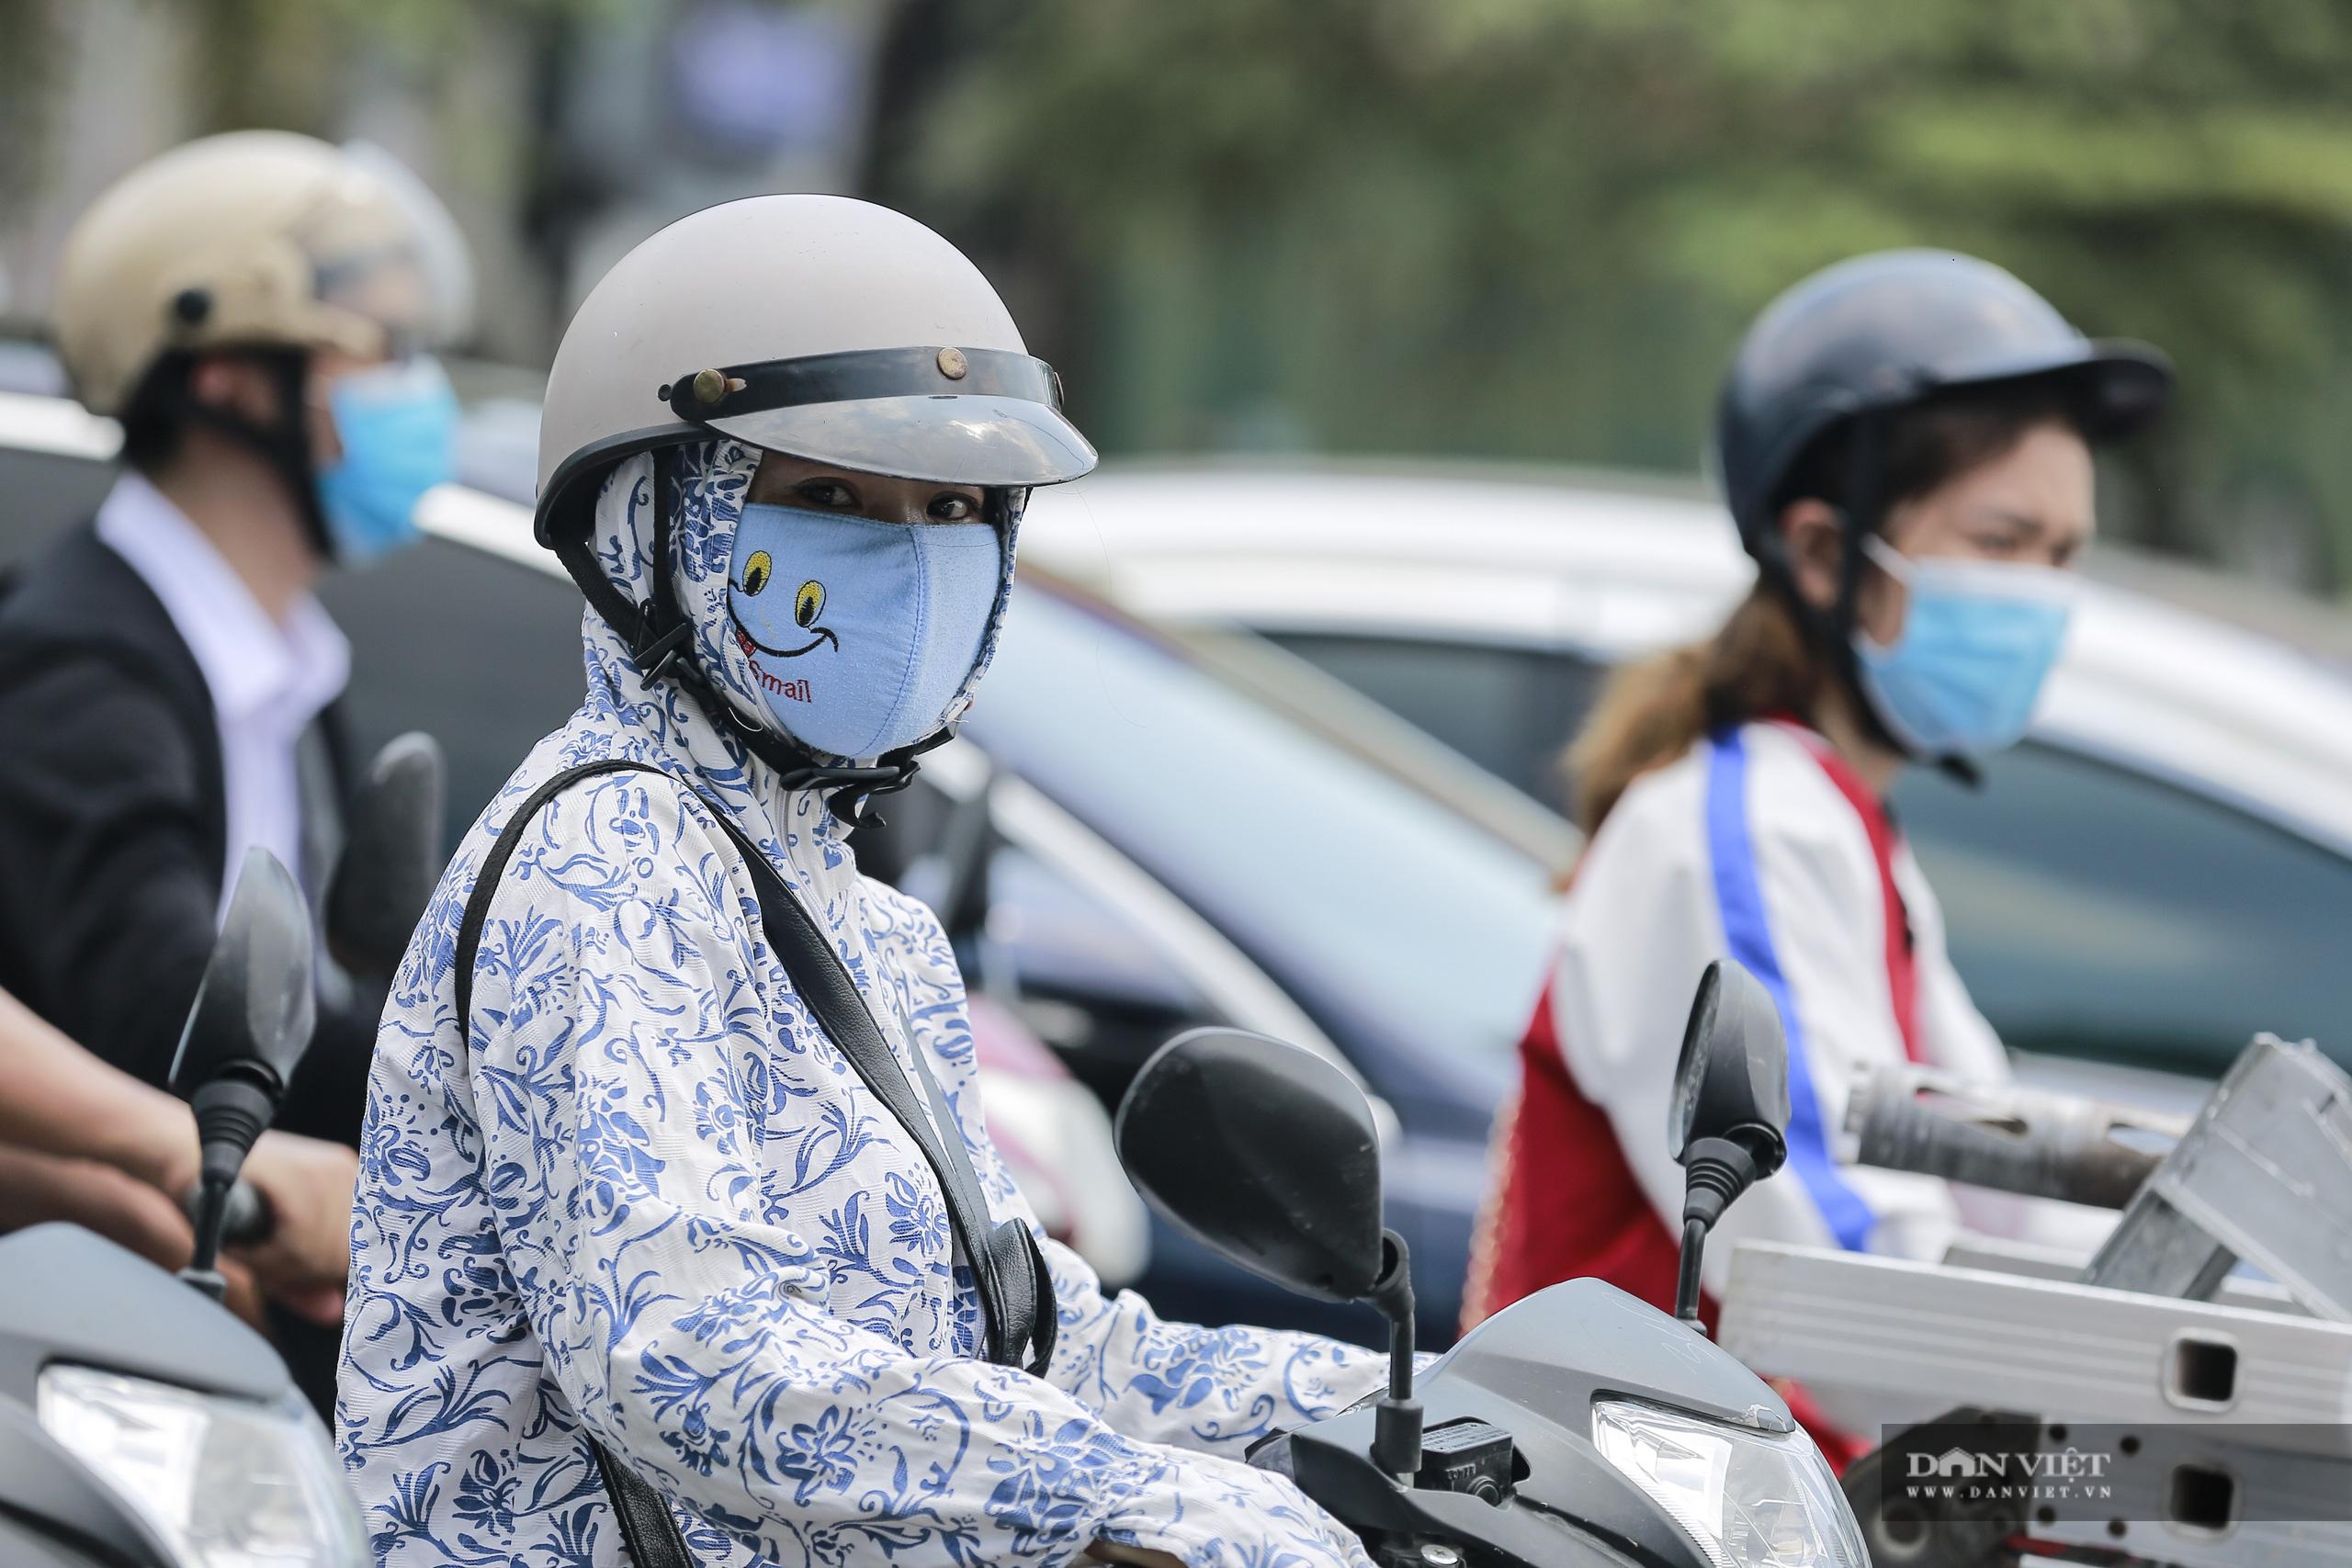 Hà Nội nắng nóng gần 40 độ C, phụ nữ lái ô tô với trang phục kín mít - Ảnh 12.